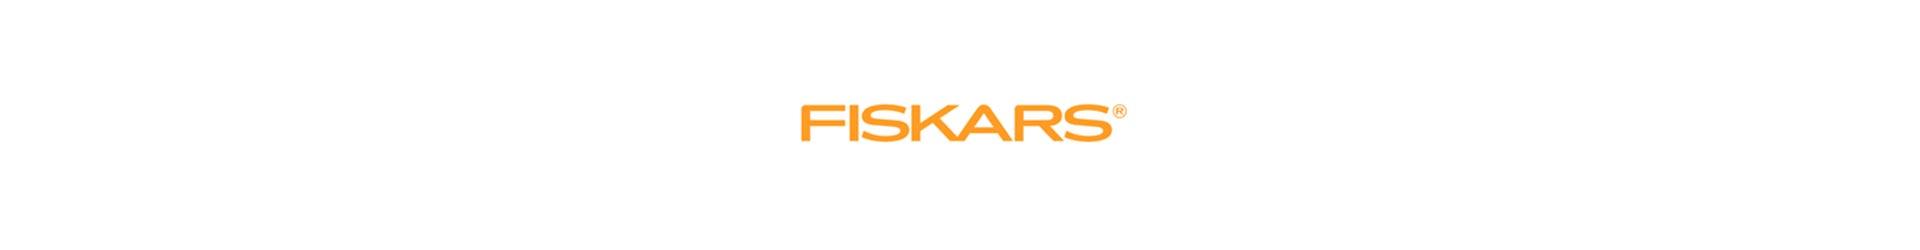 Fiskers-Banner